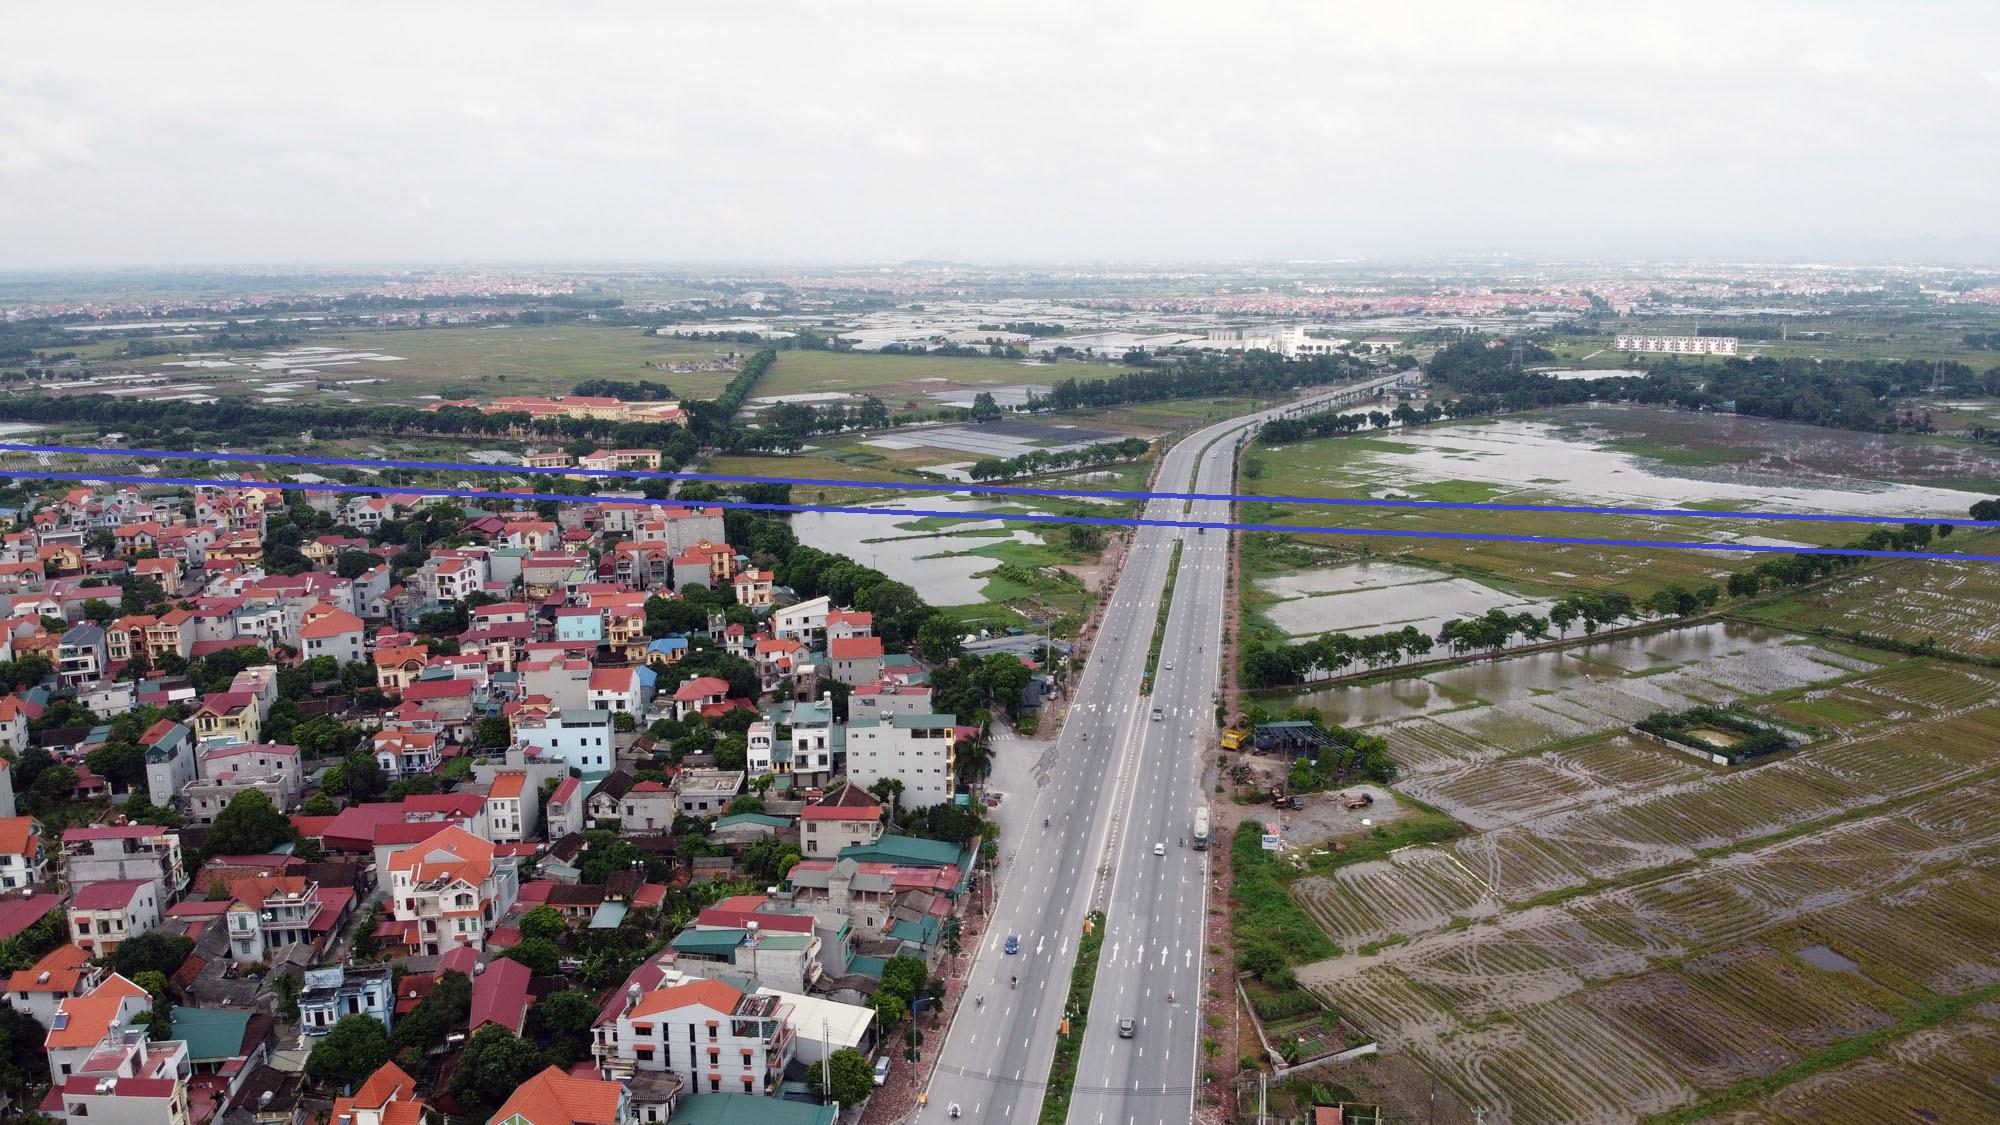 4 đường sẽ mở theo qui hoạch ở xã Đại Mạch, Đông Anh, Hà Nội - Ảnh 17.